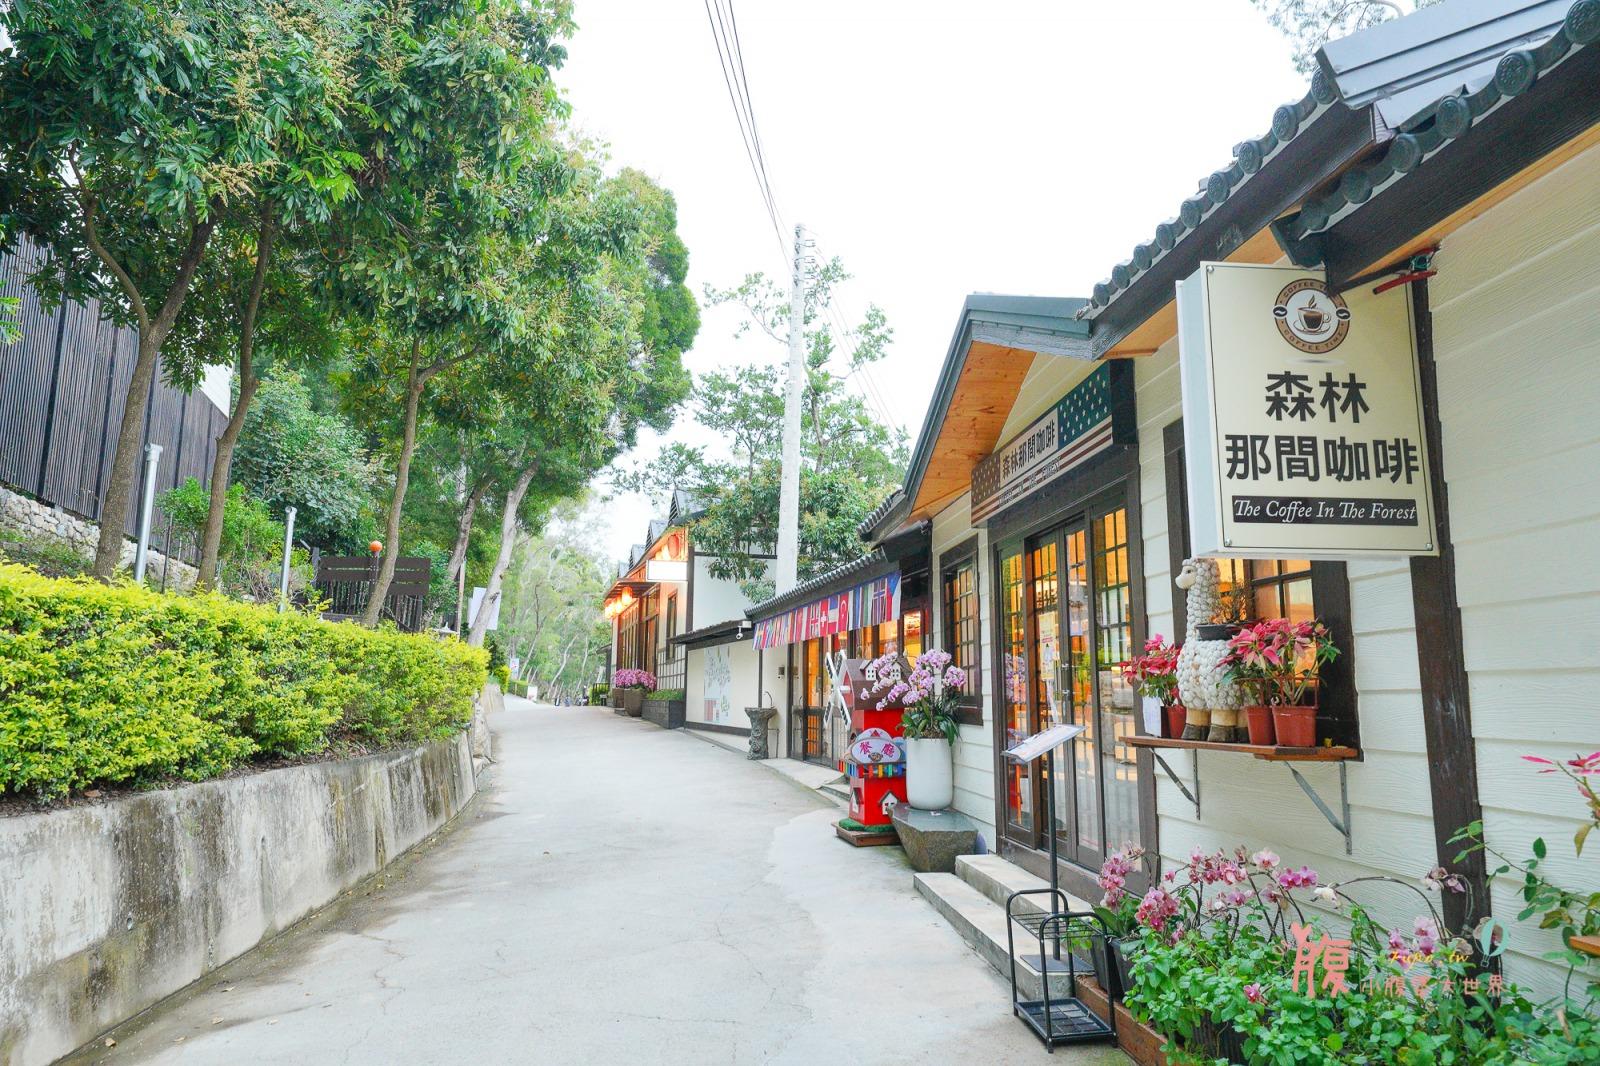 苗栗苑裡景點》綠意山莊,門票50元,可以餵小鹿的浪漫童話小鎮、日式鳥居、最大哈比屋聚落、小動物區、親子遊戲區~